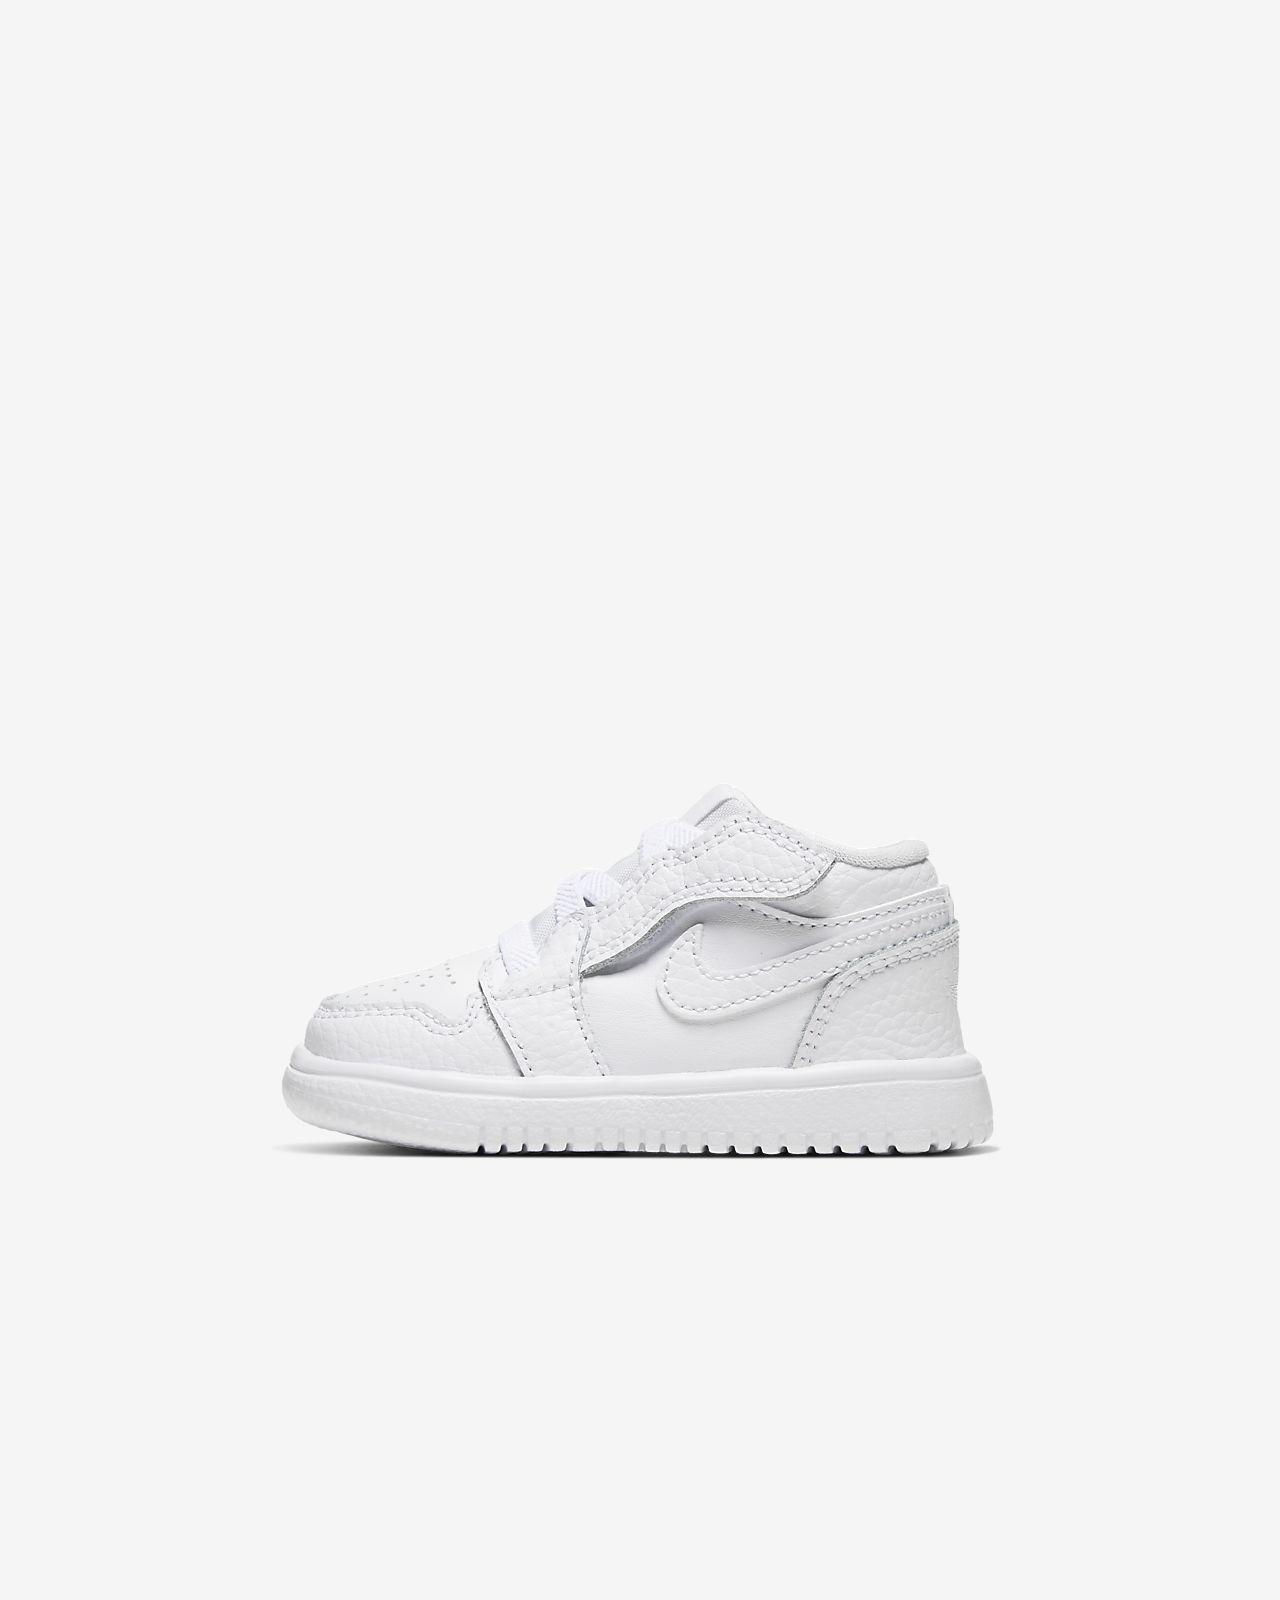 Jordan 1 Low Alt 嬰幼兒鞋款